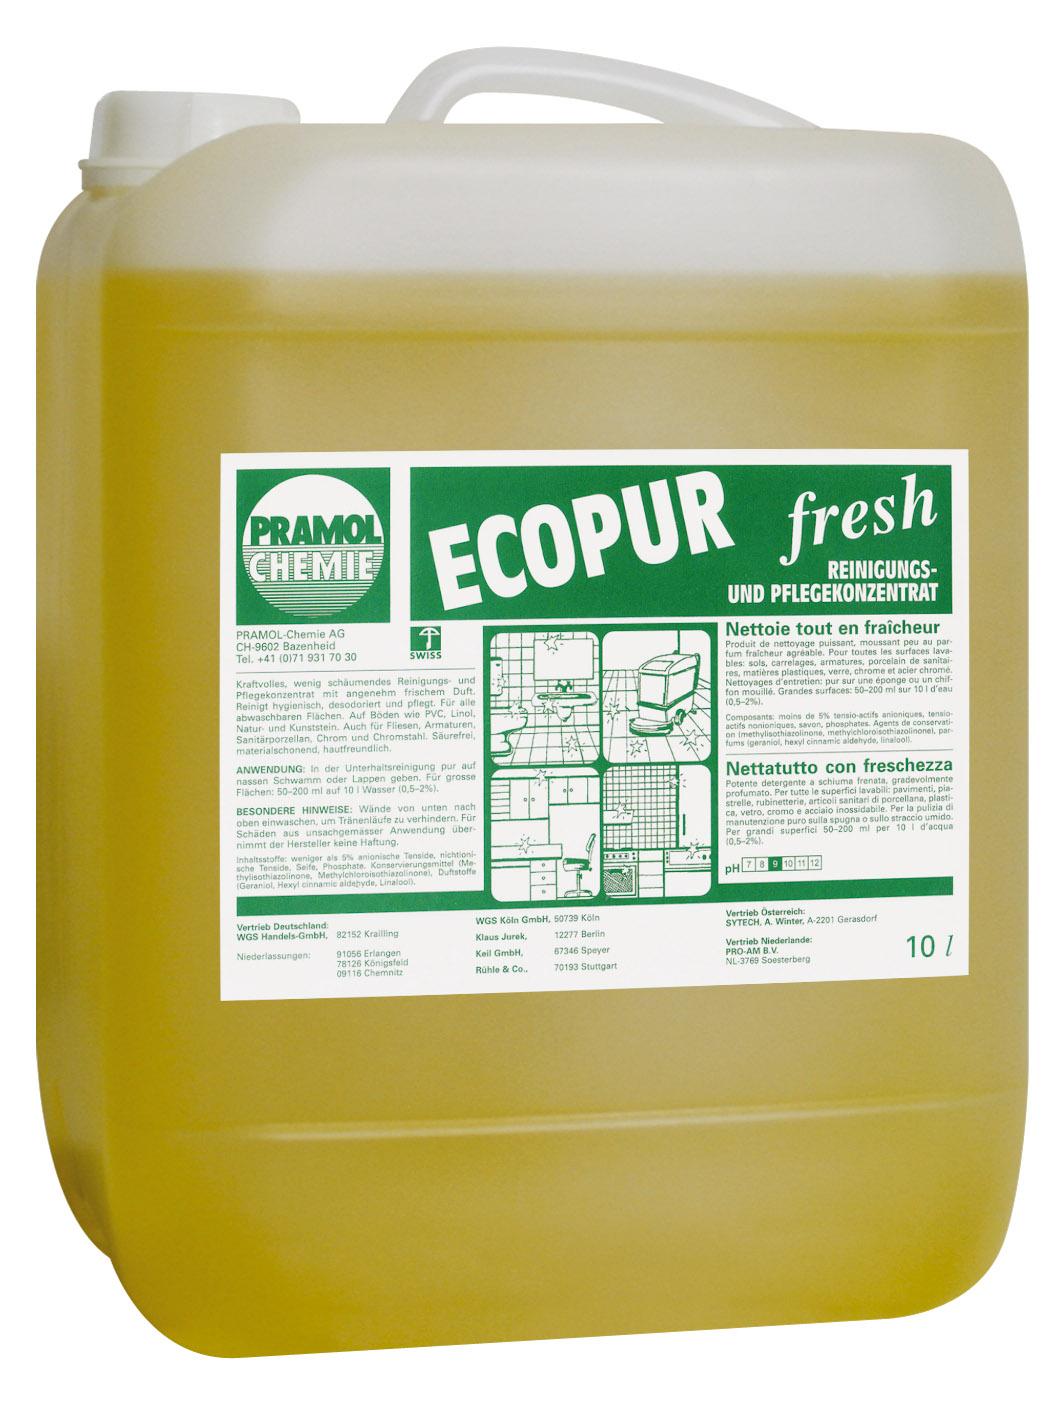 Pramol ecopur fresh, Reinigungs- und Pflegekonzentrat, 10 Liter